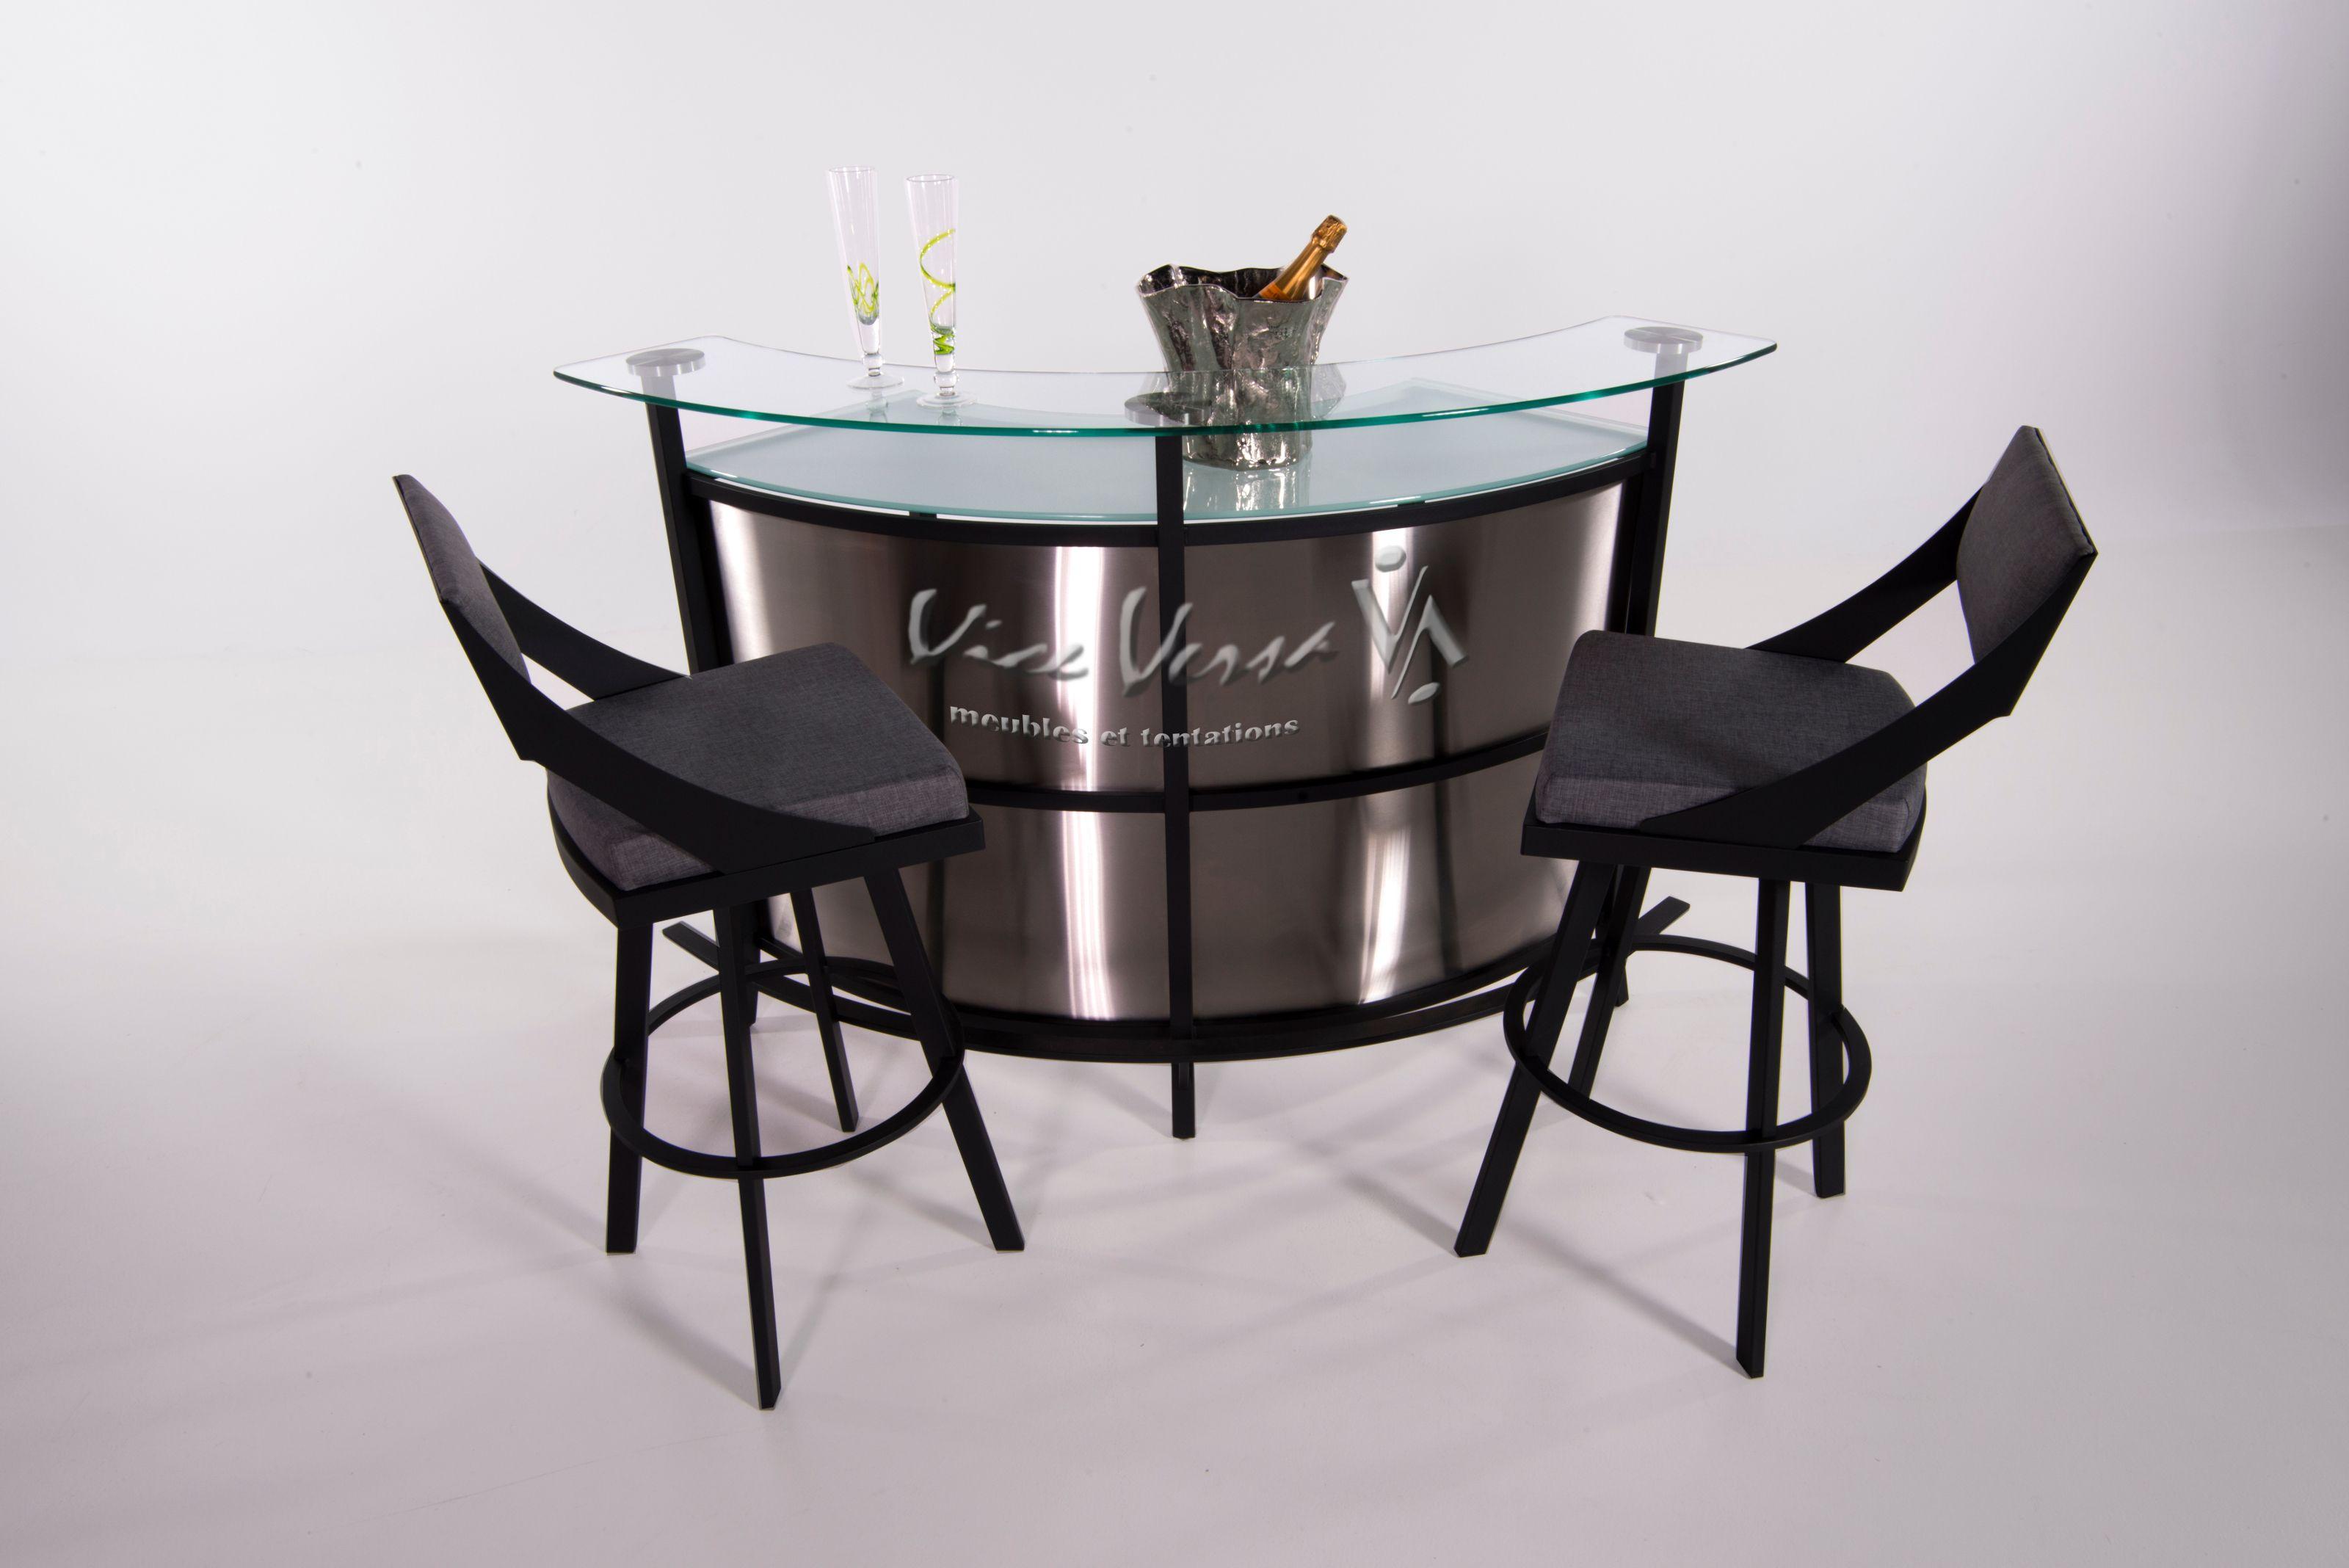 Meuble vice versa table de bar et emsemble de chaises pour la cuisine ou le salon meuble - Meuble bar pour salon ...